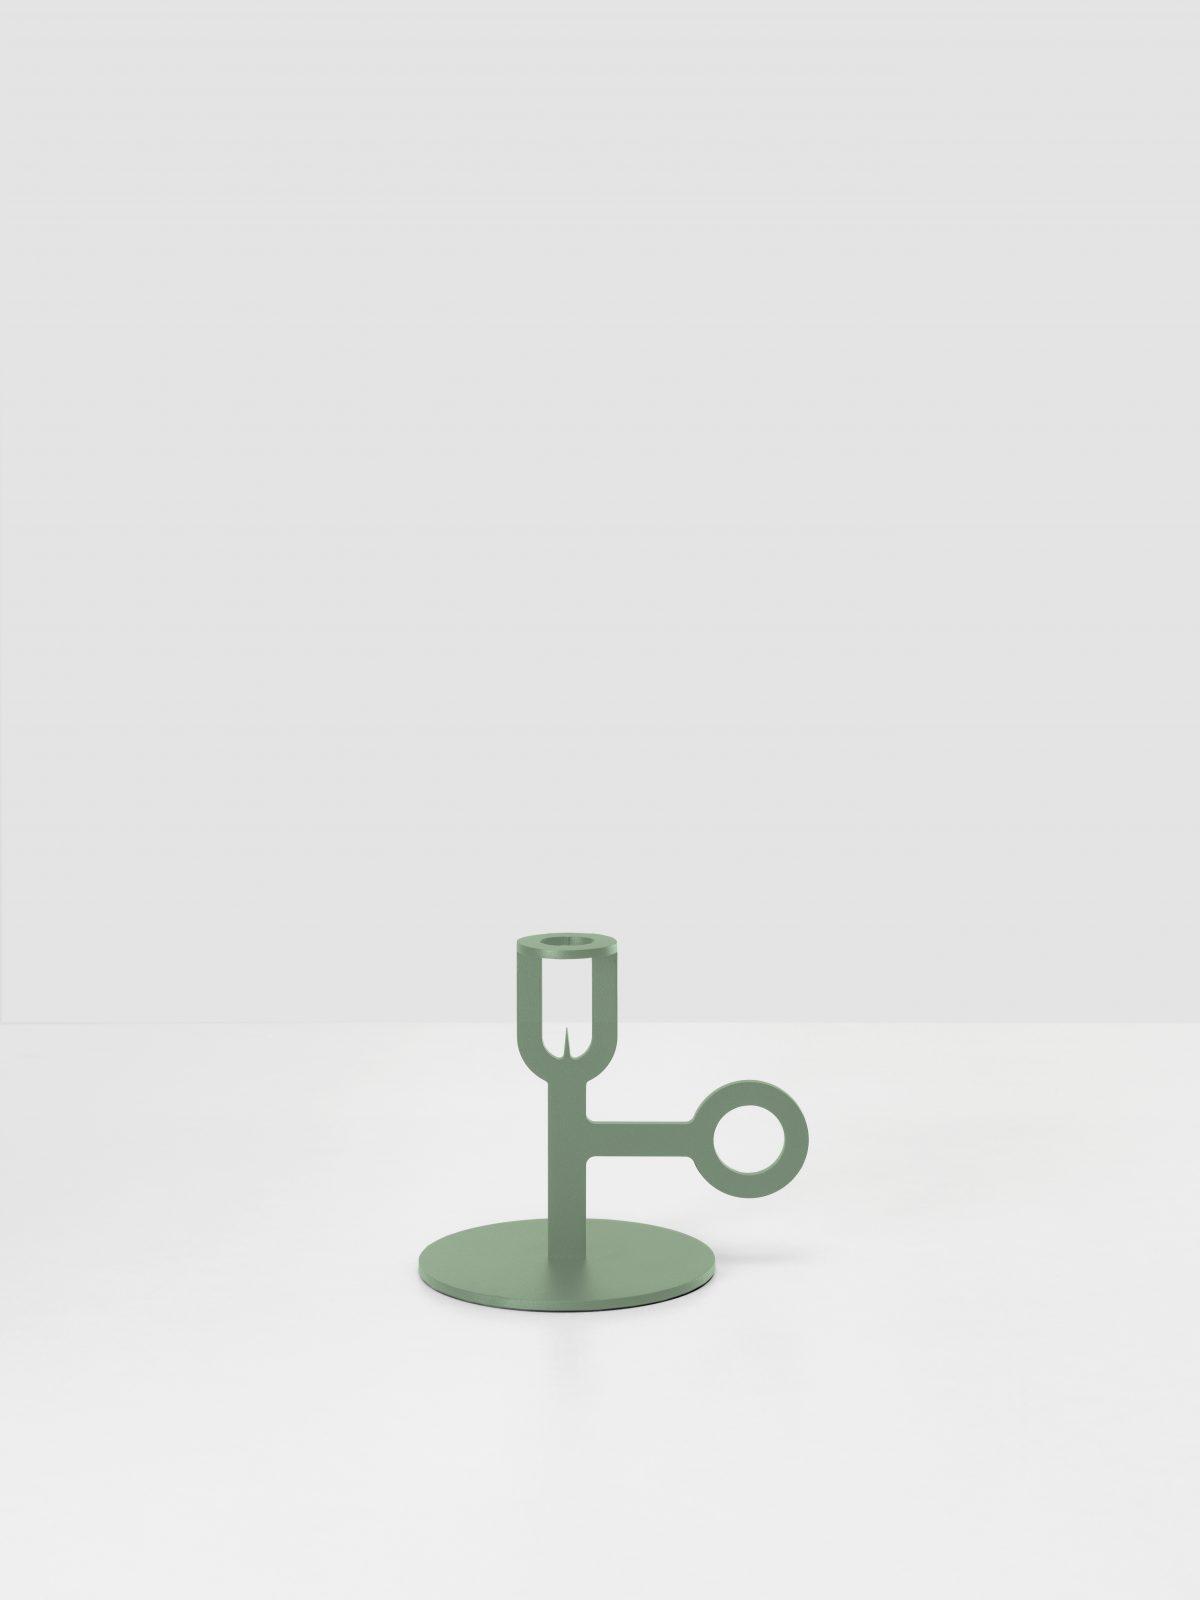 Kandelaar Carry On groen New Duivendrecht Peter van de Water